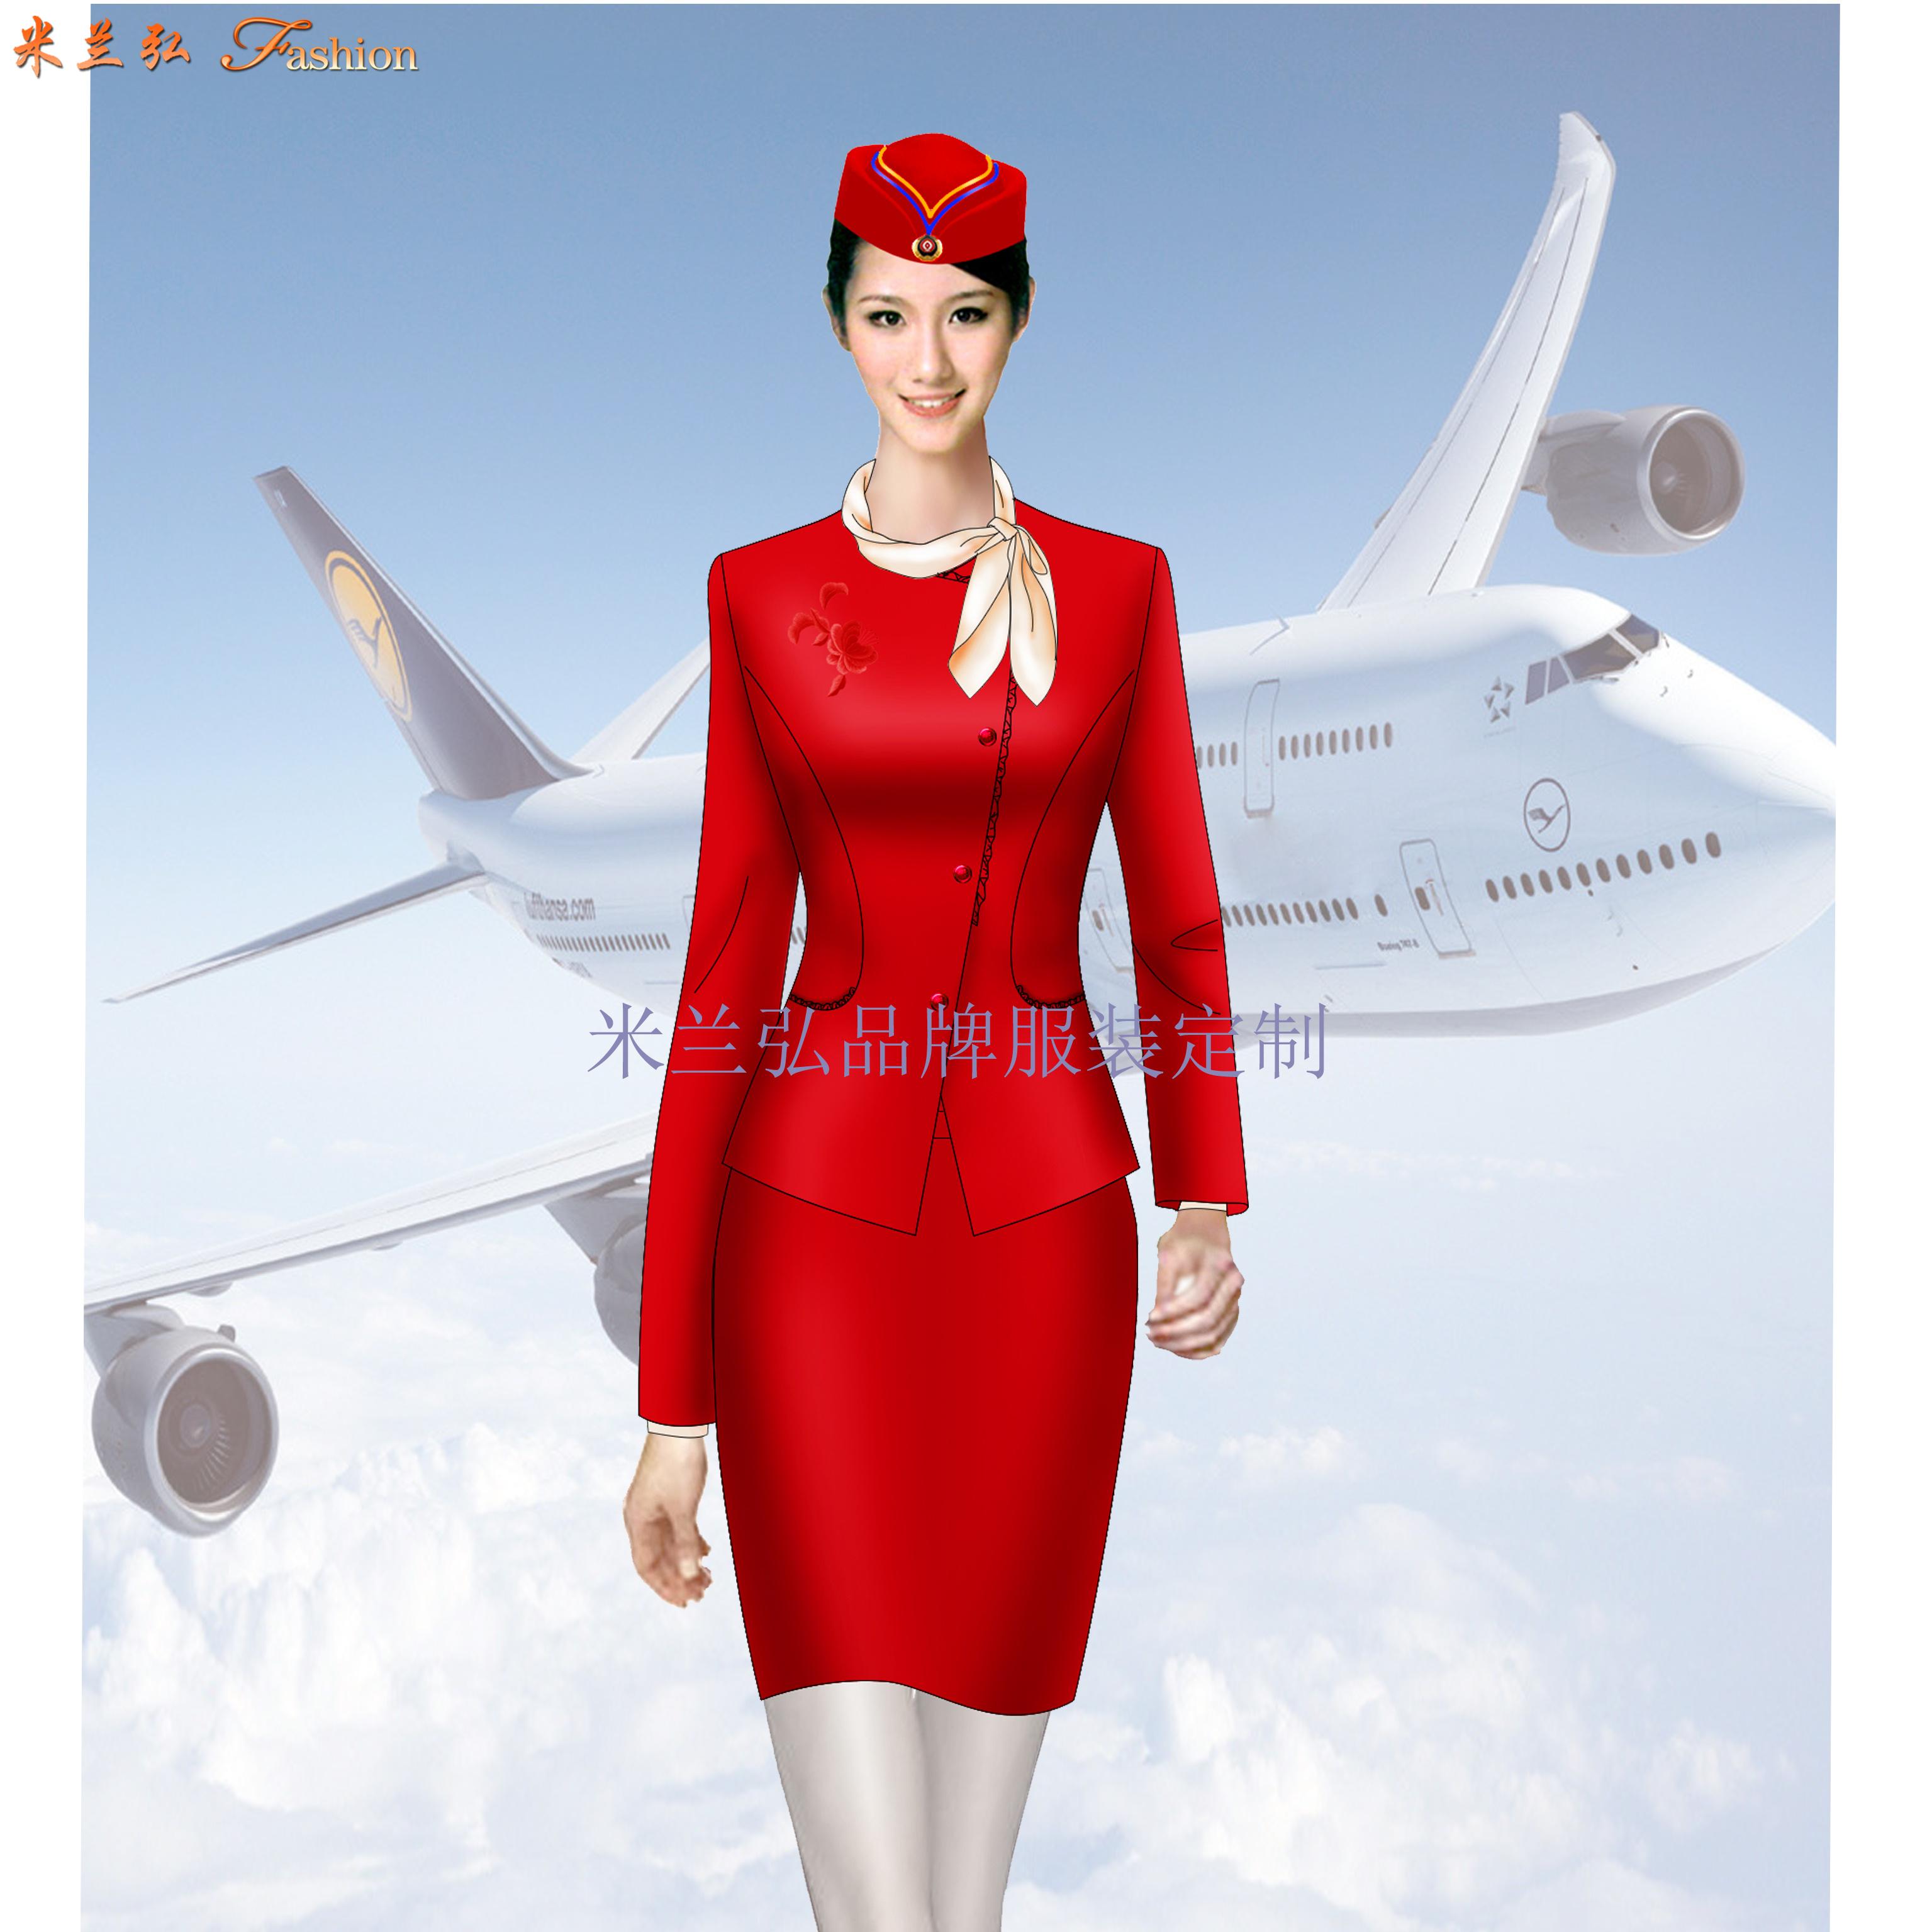 「北京空姐服定制」航空公司空姐服新款套装图片_价格_厂家-5